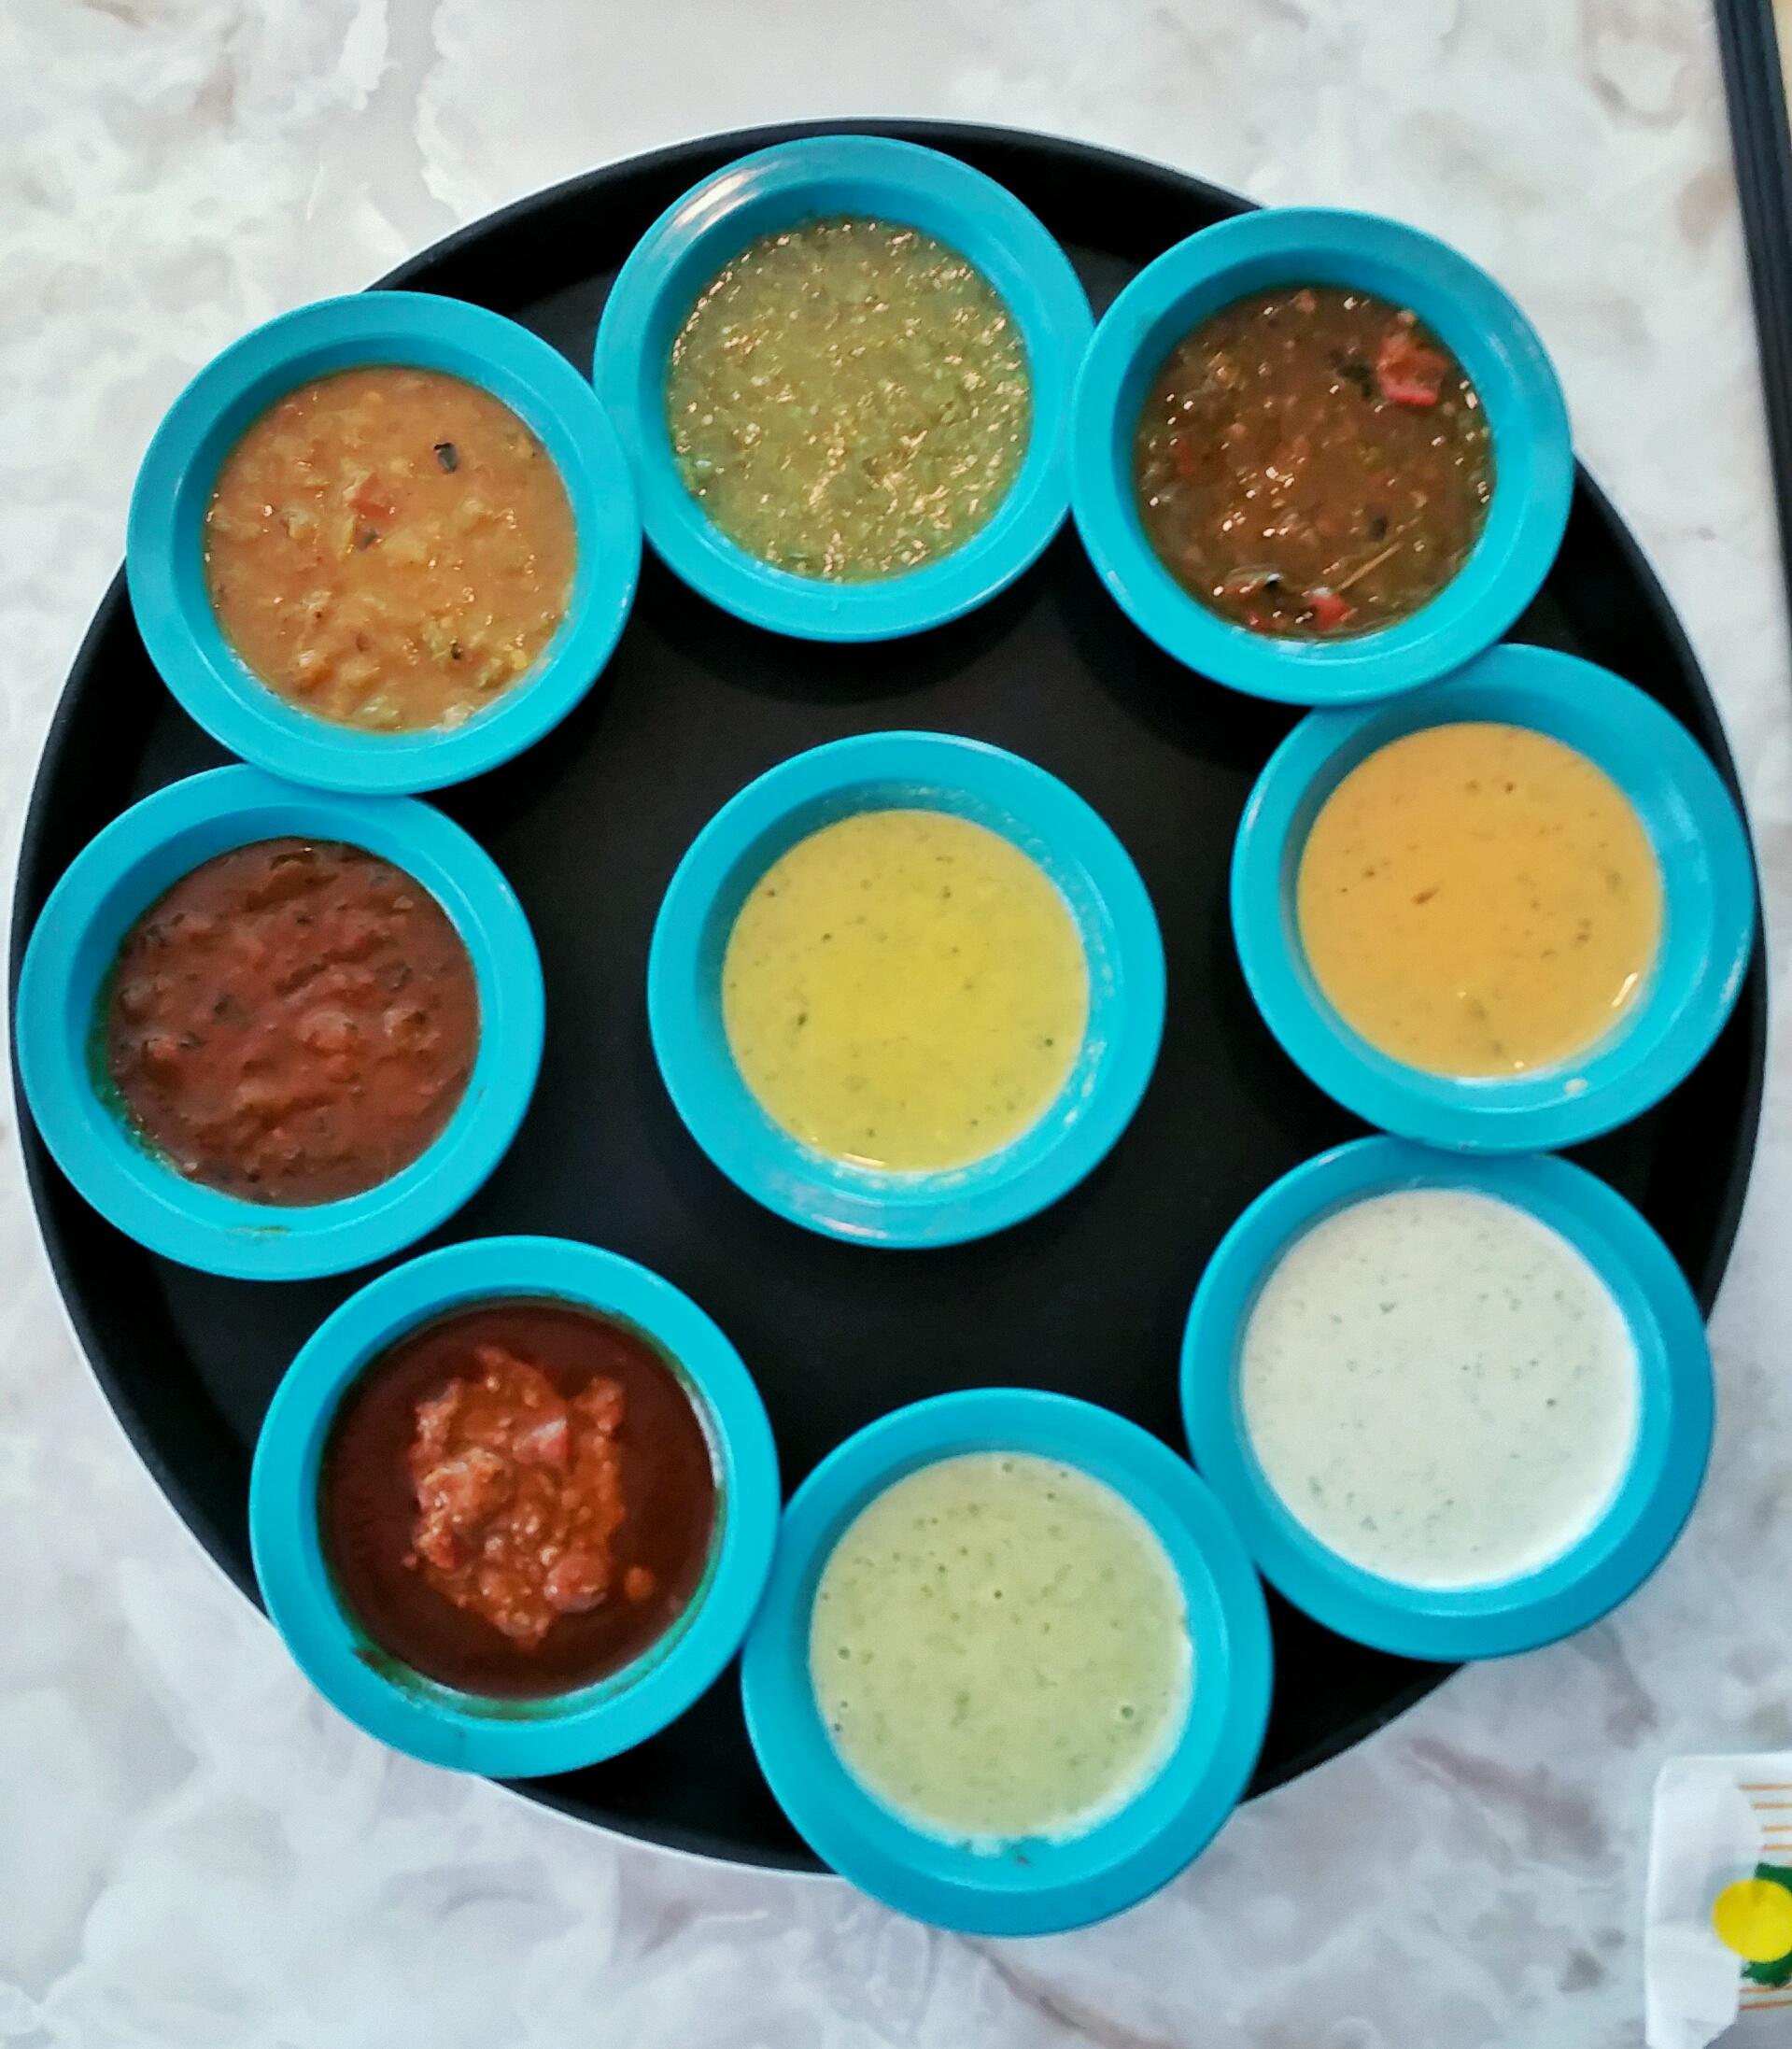 Cheddar S Scratch Kitchen Chicken Tender Platter Original